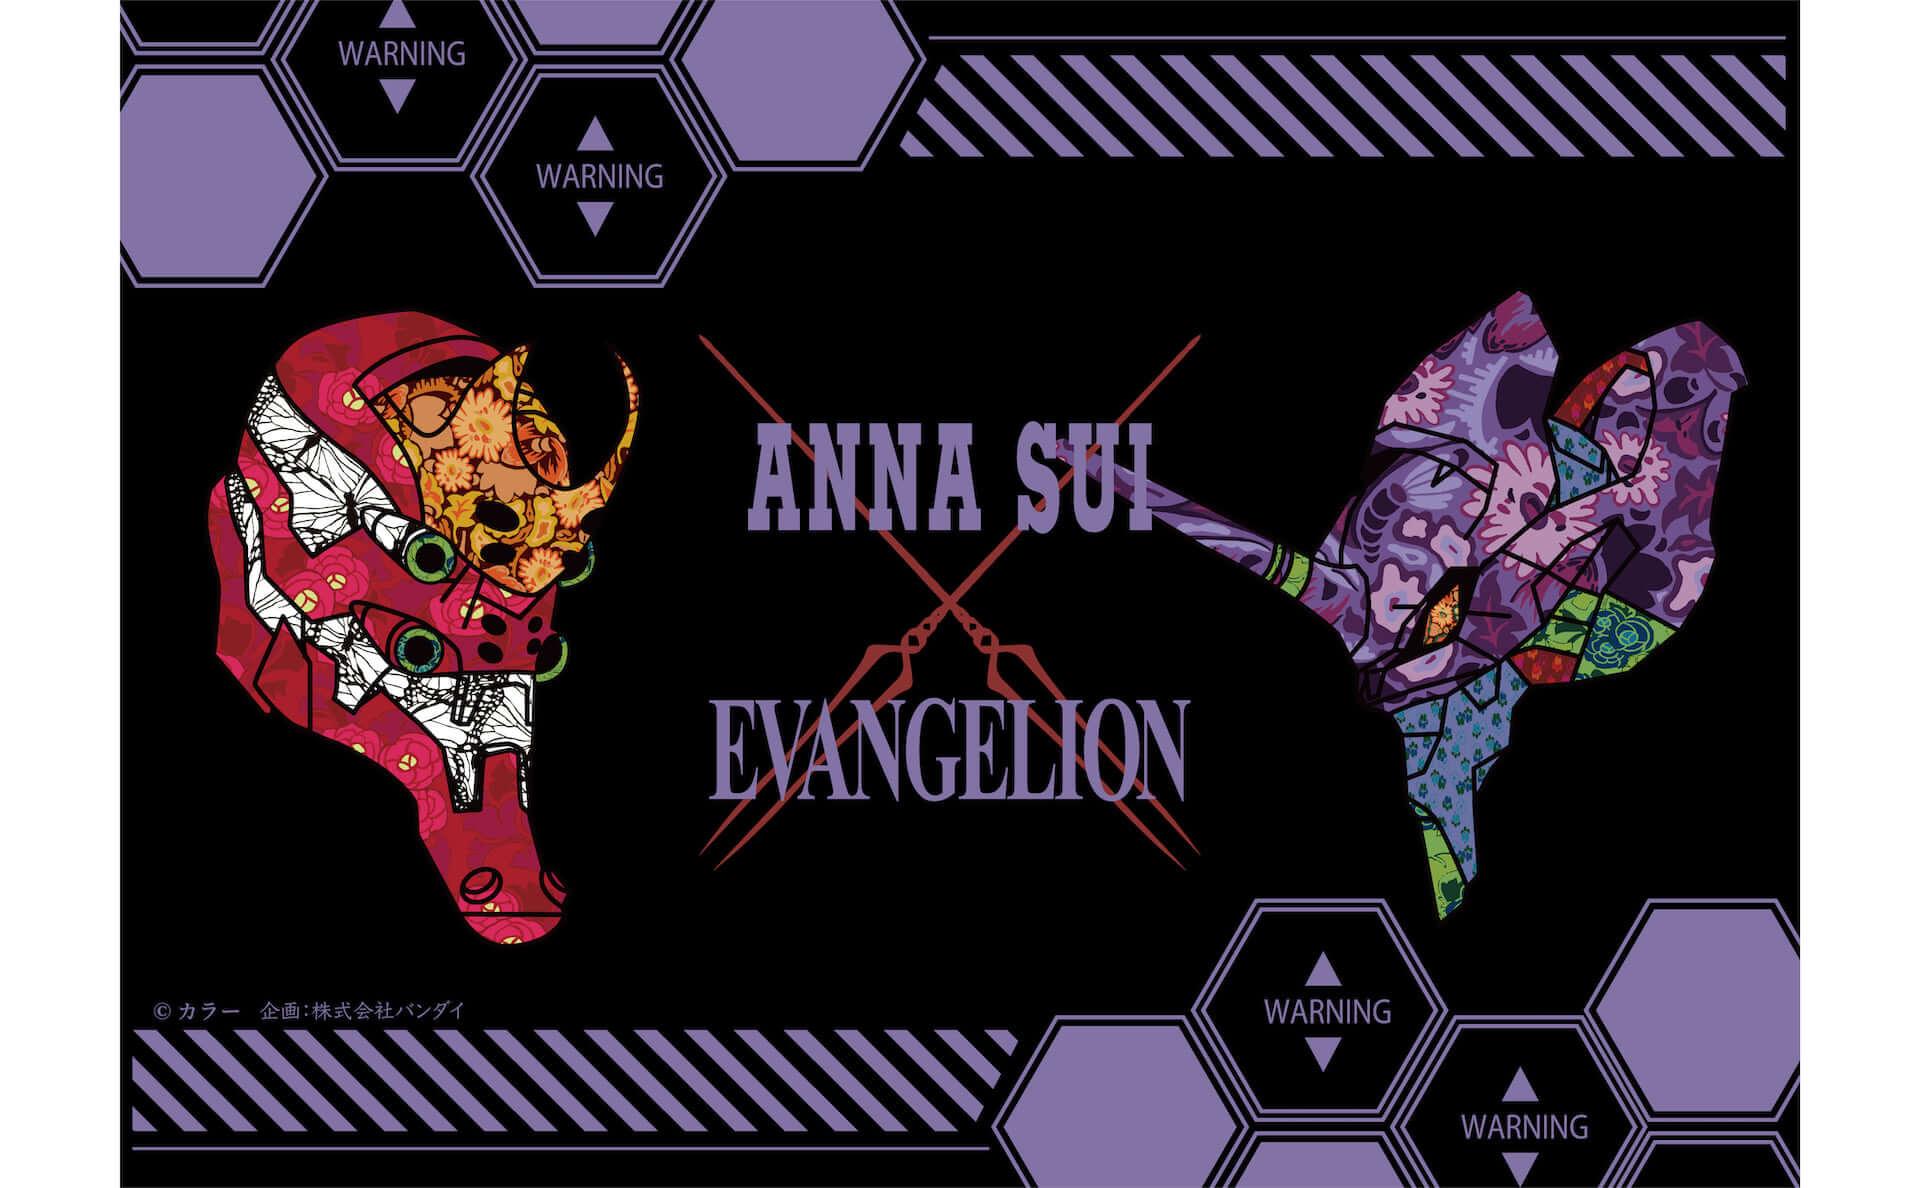 『エヴァンゲリオン』とANNA SUIがコラボ!『シン・エヴァンゲリオン劇場版』公開記念アイテムが発売決定 art210218_eva-annasui_2-1920x1188